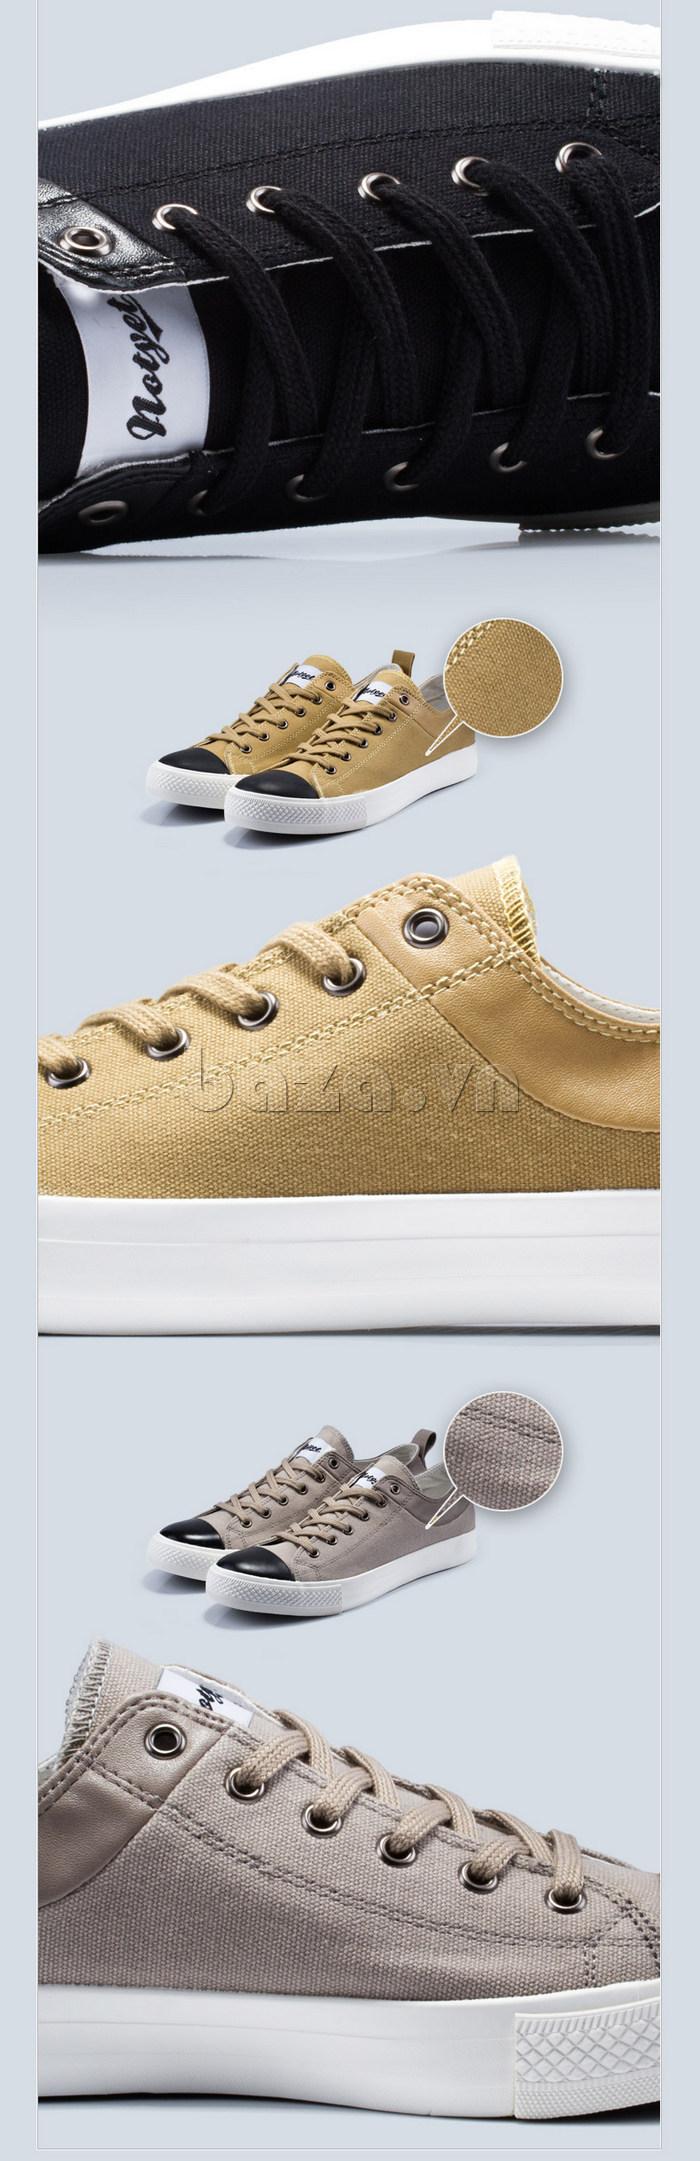 Dây giày của Giày vải nam Notyet NY-LD3204 được chế tác tỉ mỉ